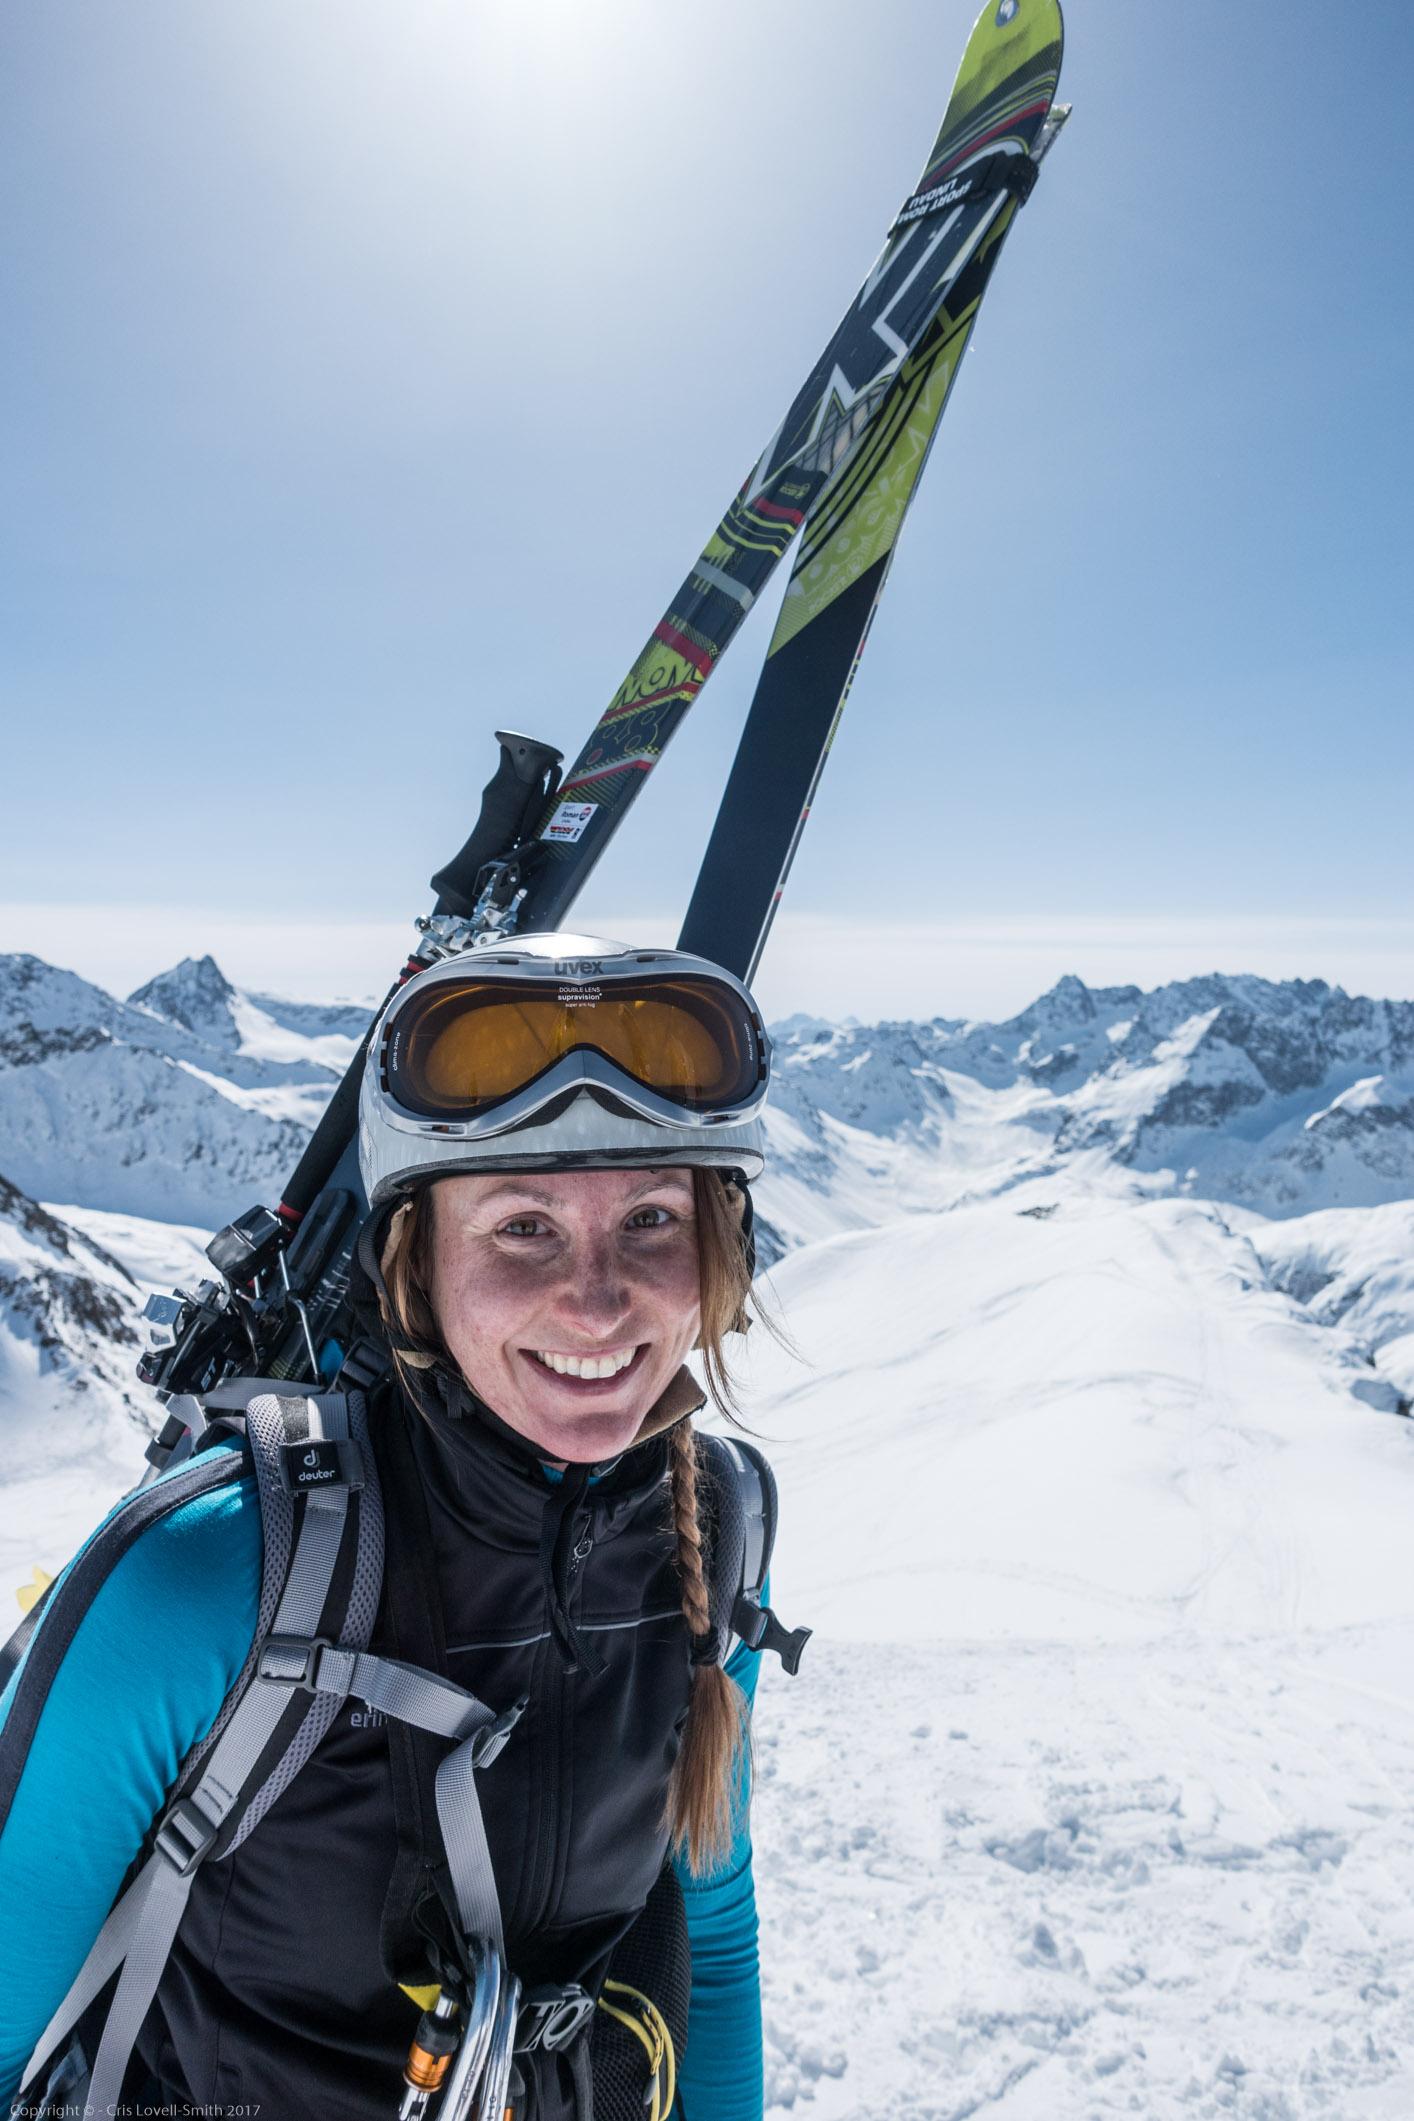 Leonie 2 (Arlberger Winterklettersteig March 2017)